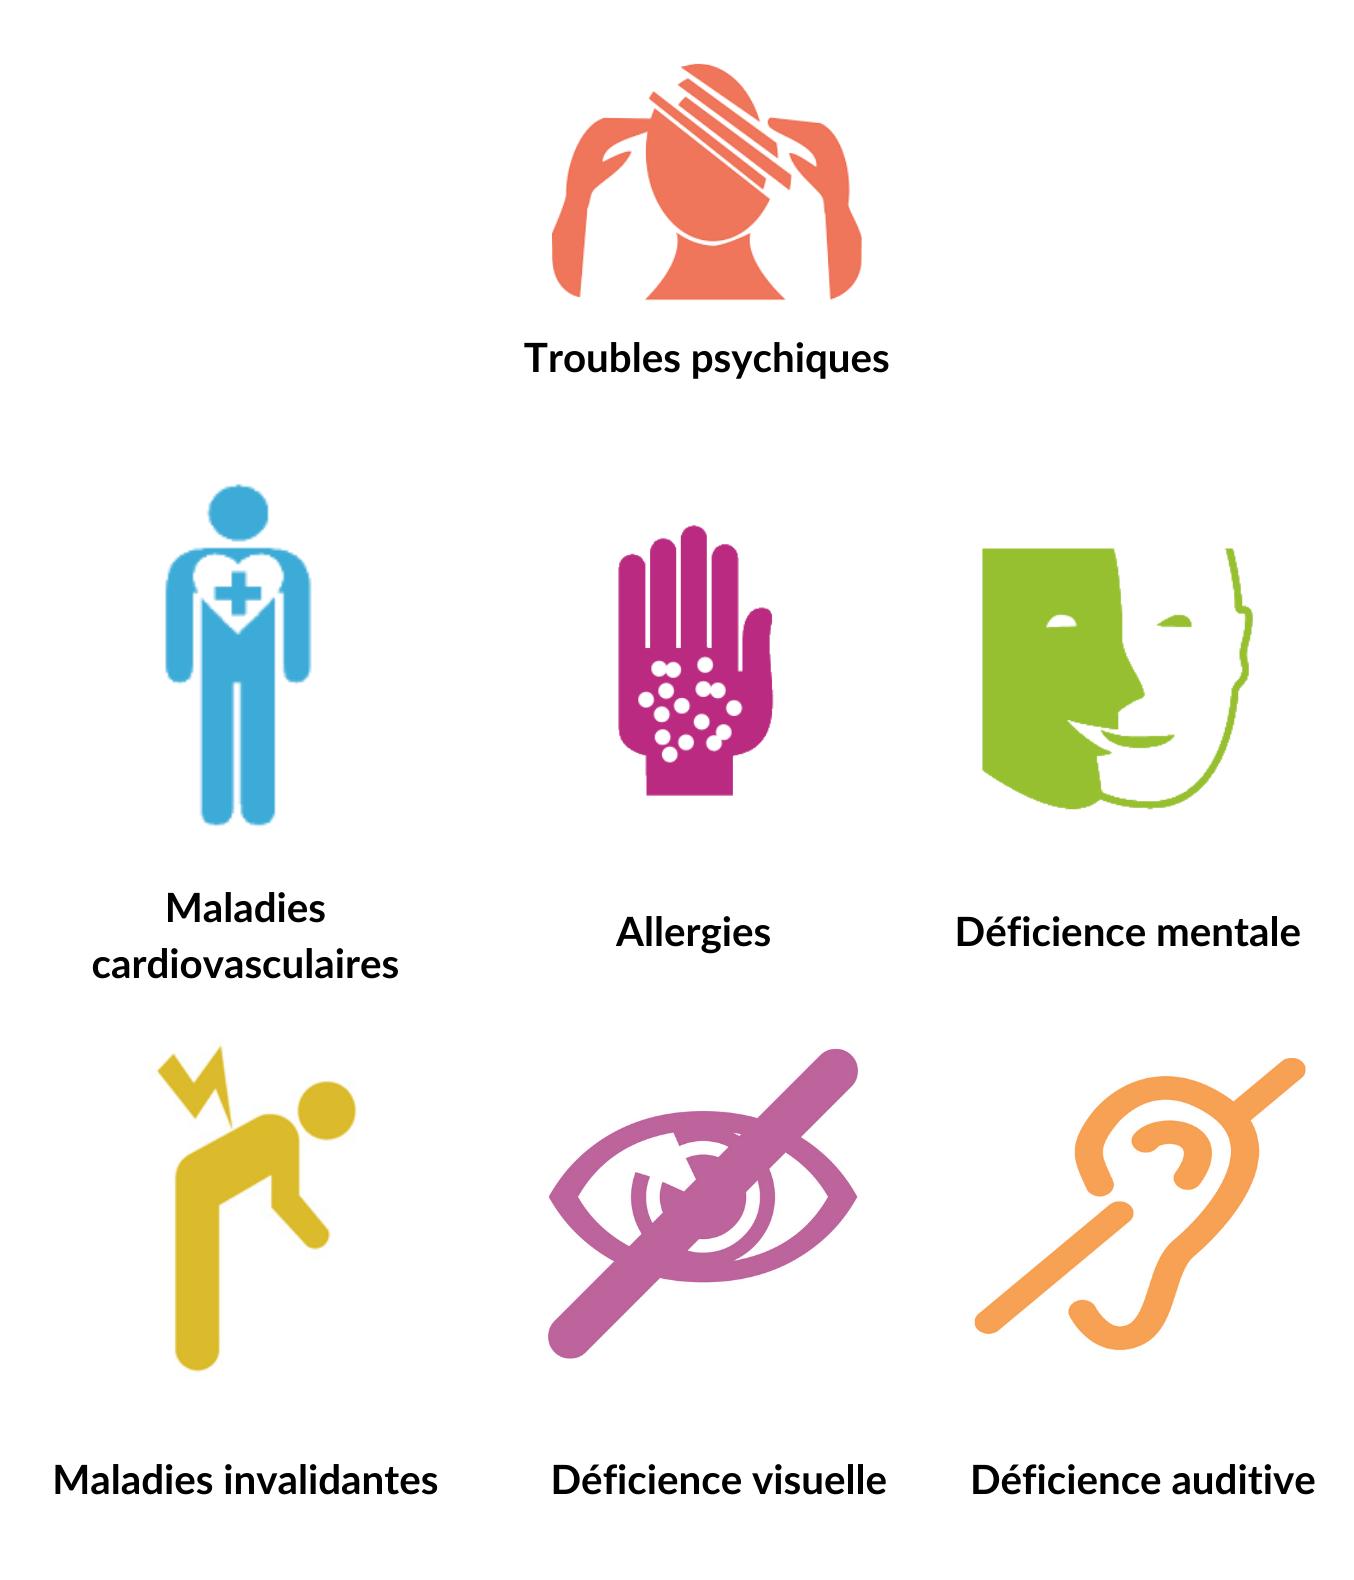 infographie troubles psychiques DCA Handicap pour l'insertion professionnelle des personnes RQTH.